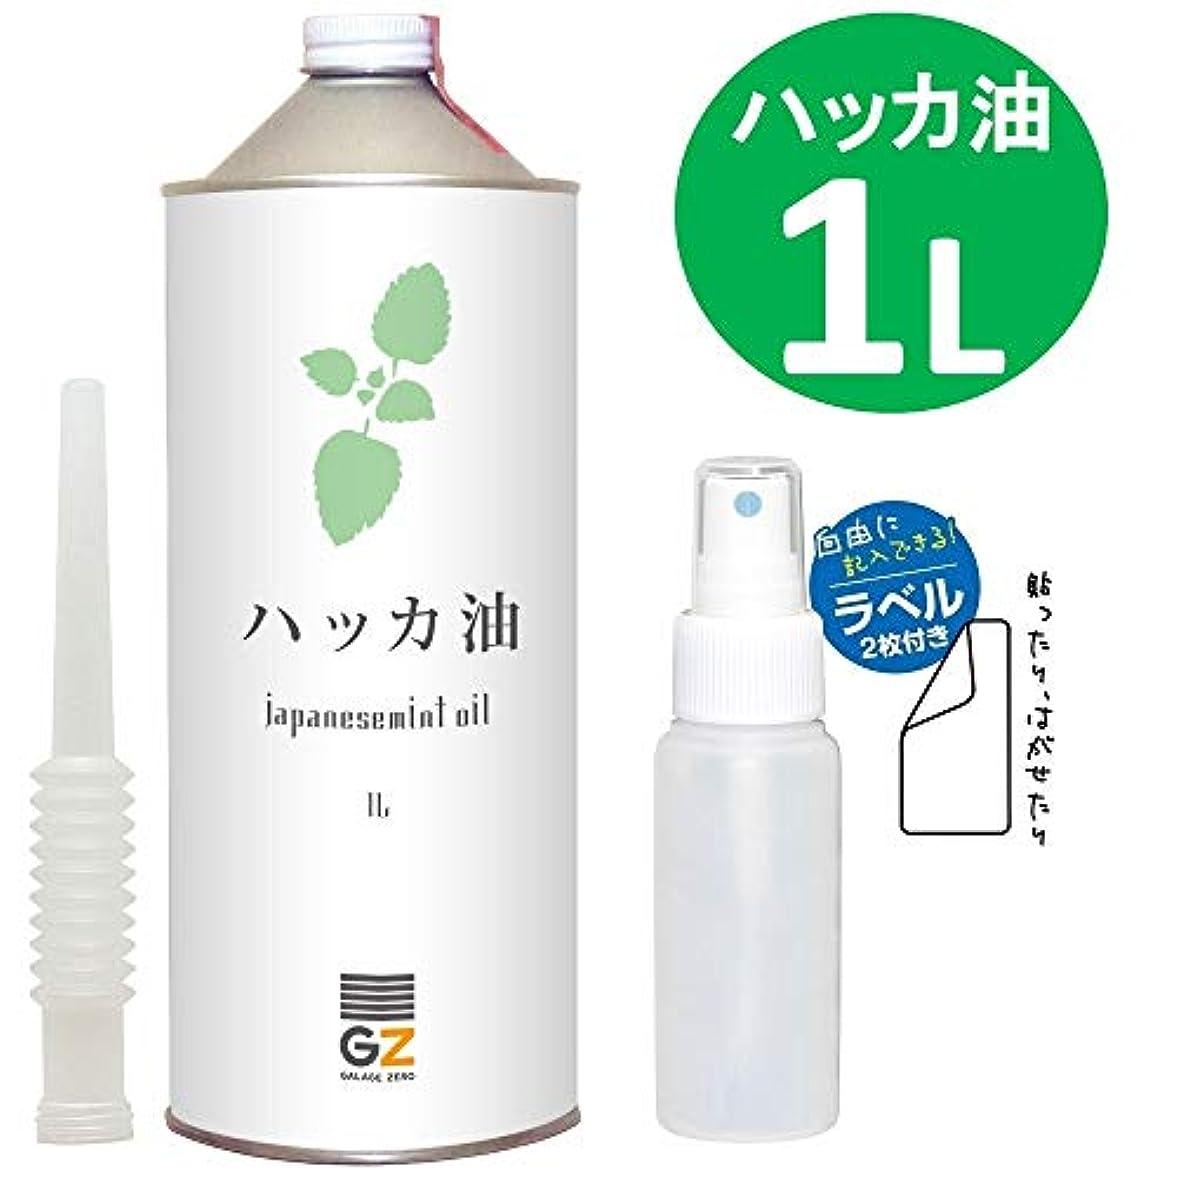 乱れスチュアート島隣接ガレージ?ゼロ ハッカ油 1L(GZAK14)+50mlPEスプレーボトル/和種薄荷/ジャパニーズミント GSE531